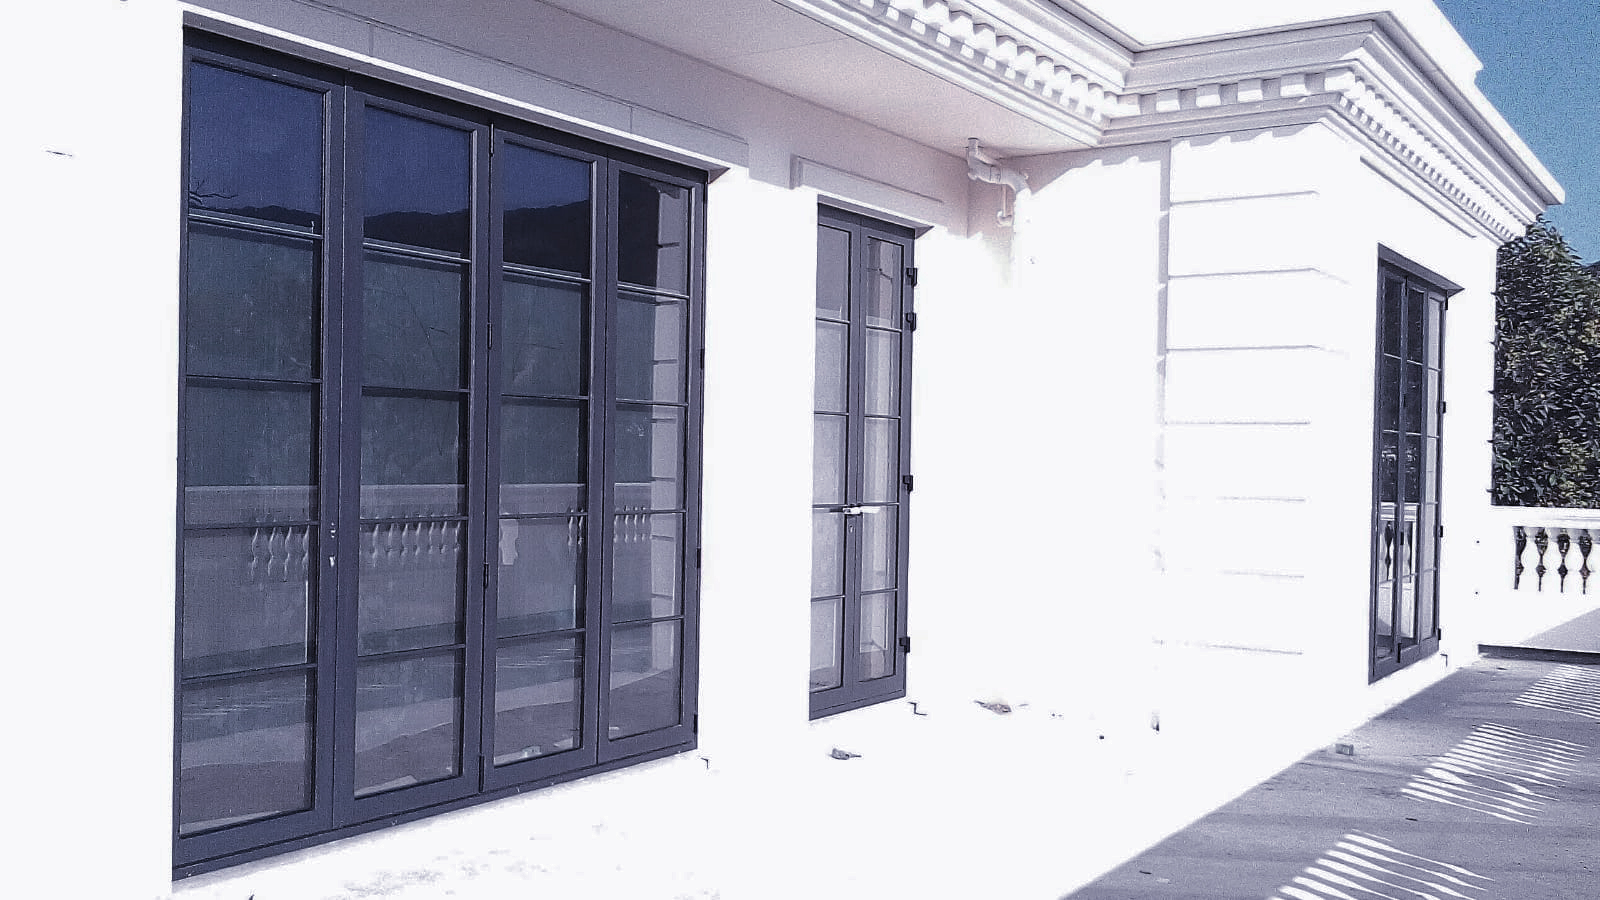 JS - Aluminium Windows in Hong Kong 香港優質鋁窗公司 – Aliplast - Fan Kam Road 粉錦公路